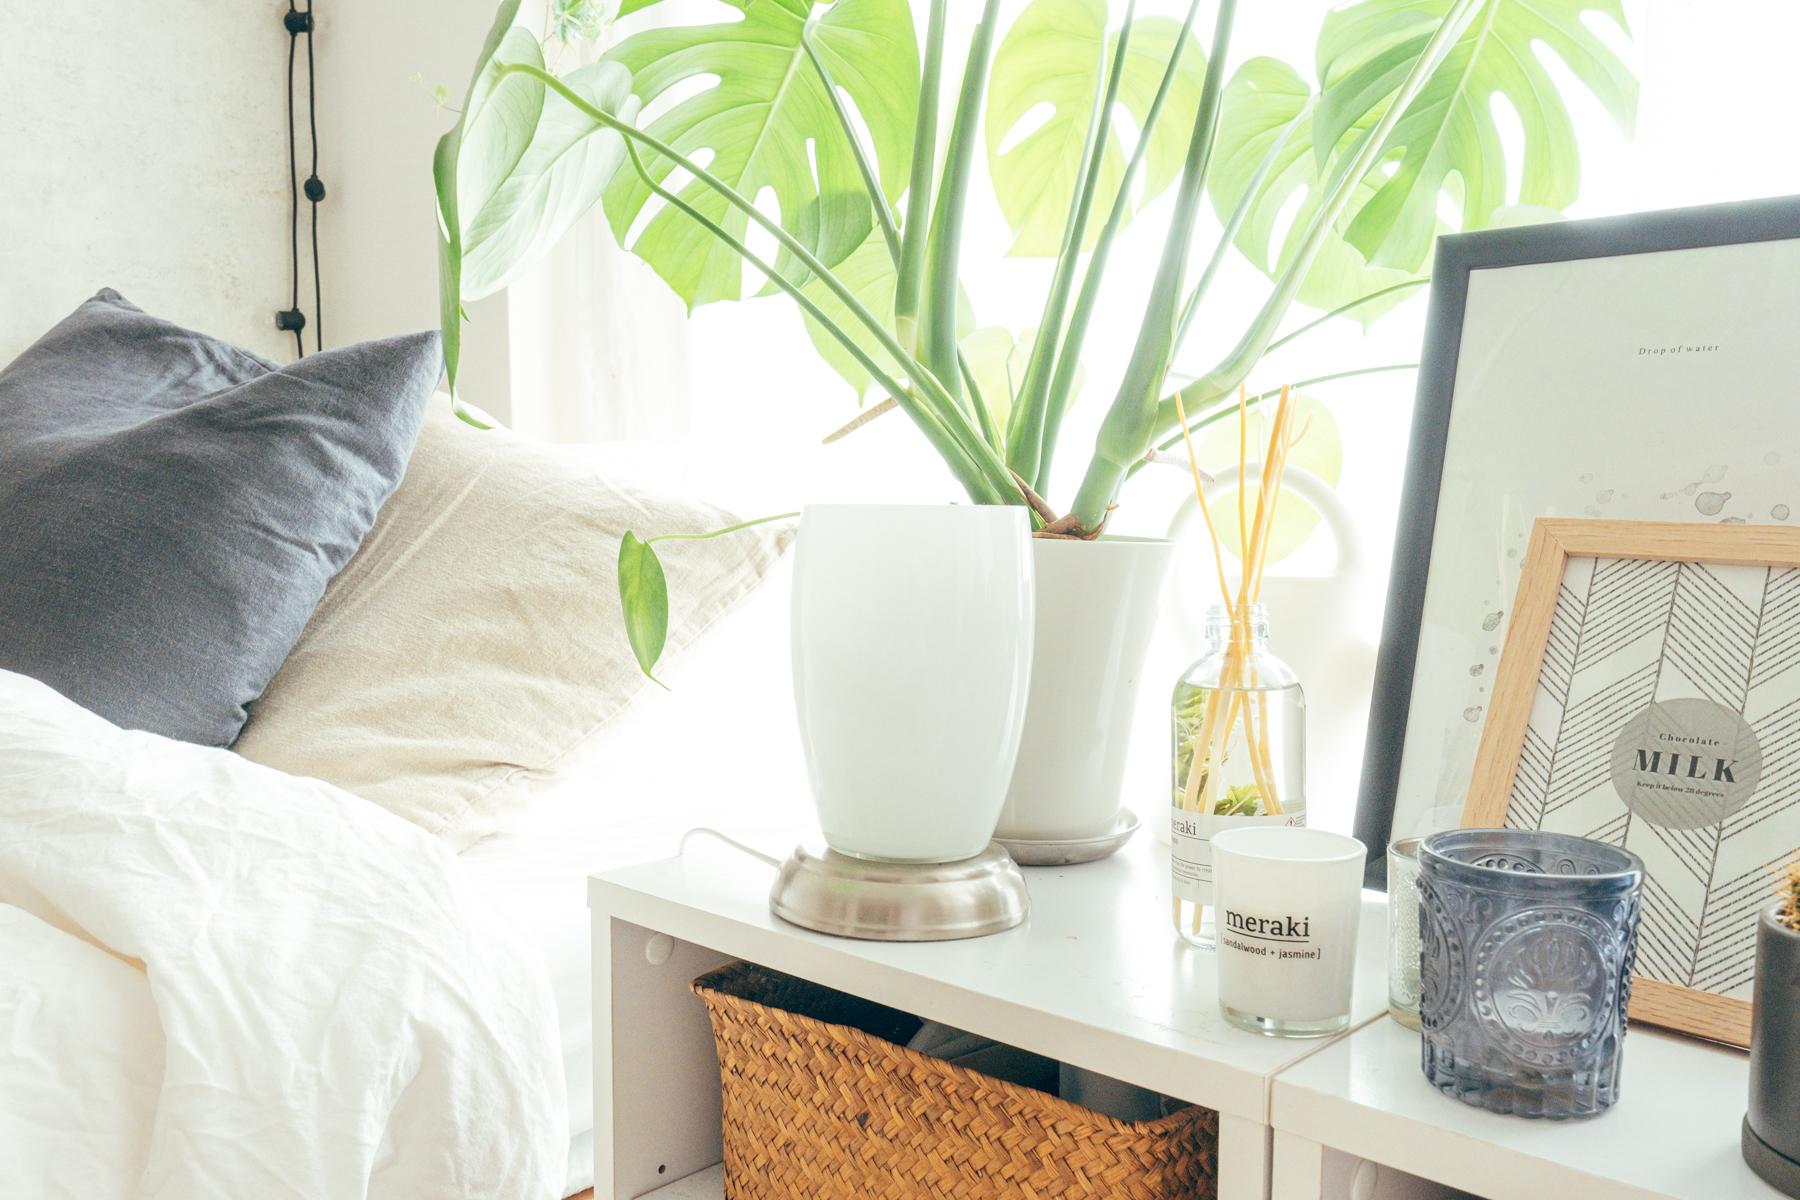 ベッドサイドには、IKEAのランプ。読書が好きだというハナモリさんが、就寝前に本を読み進めるには大切な灯りです。